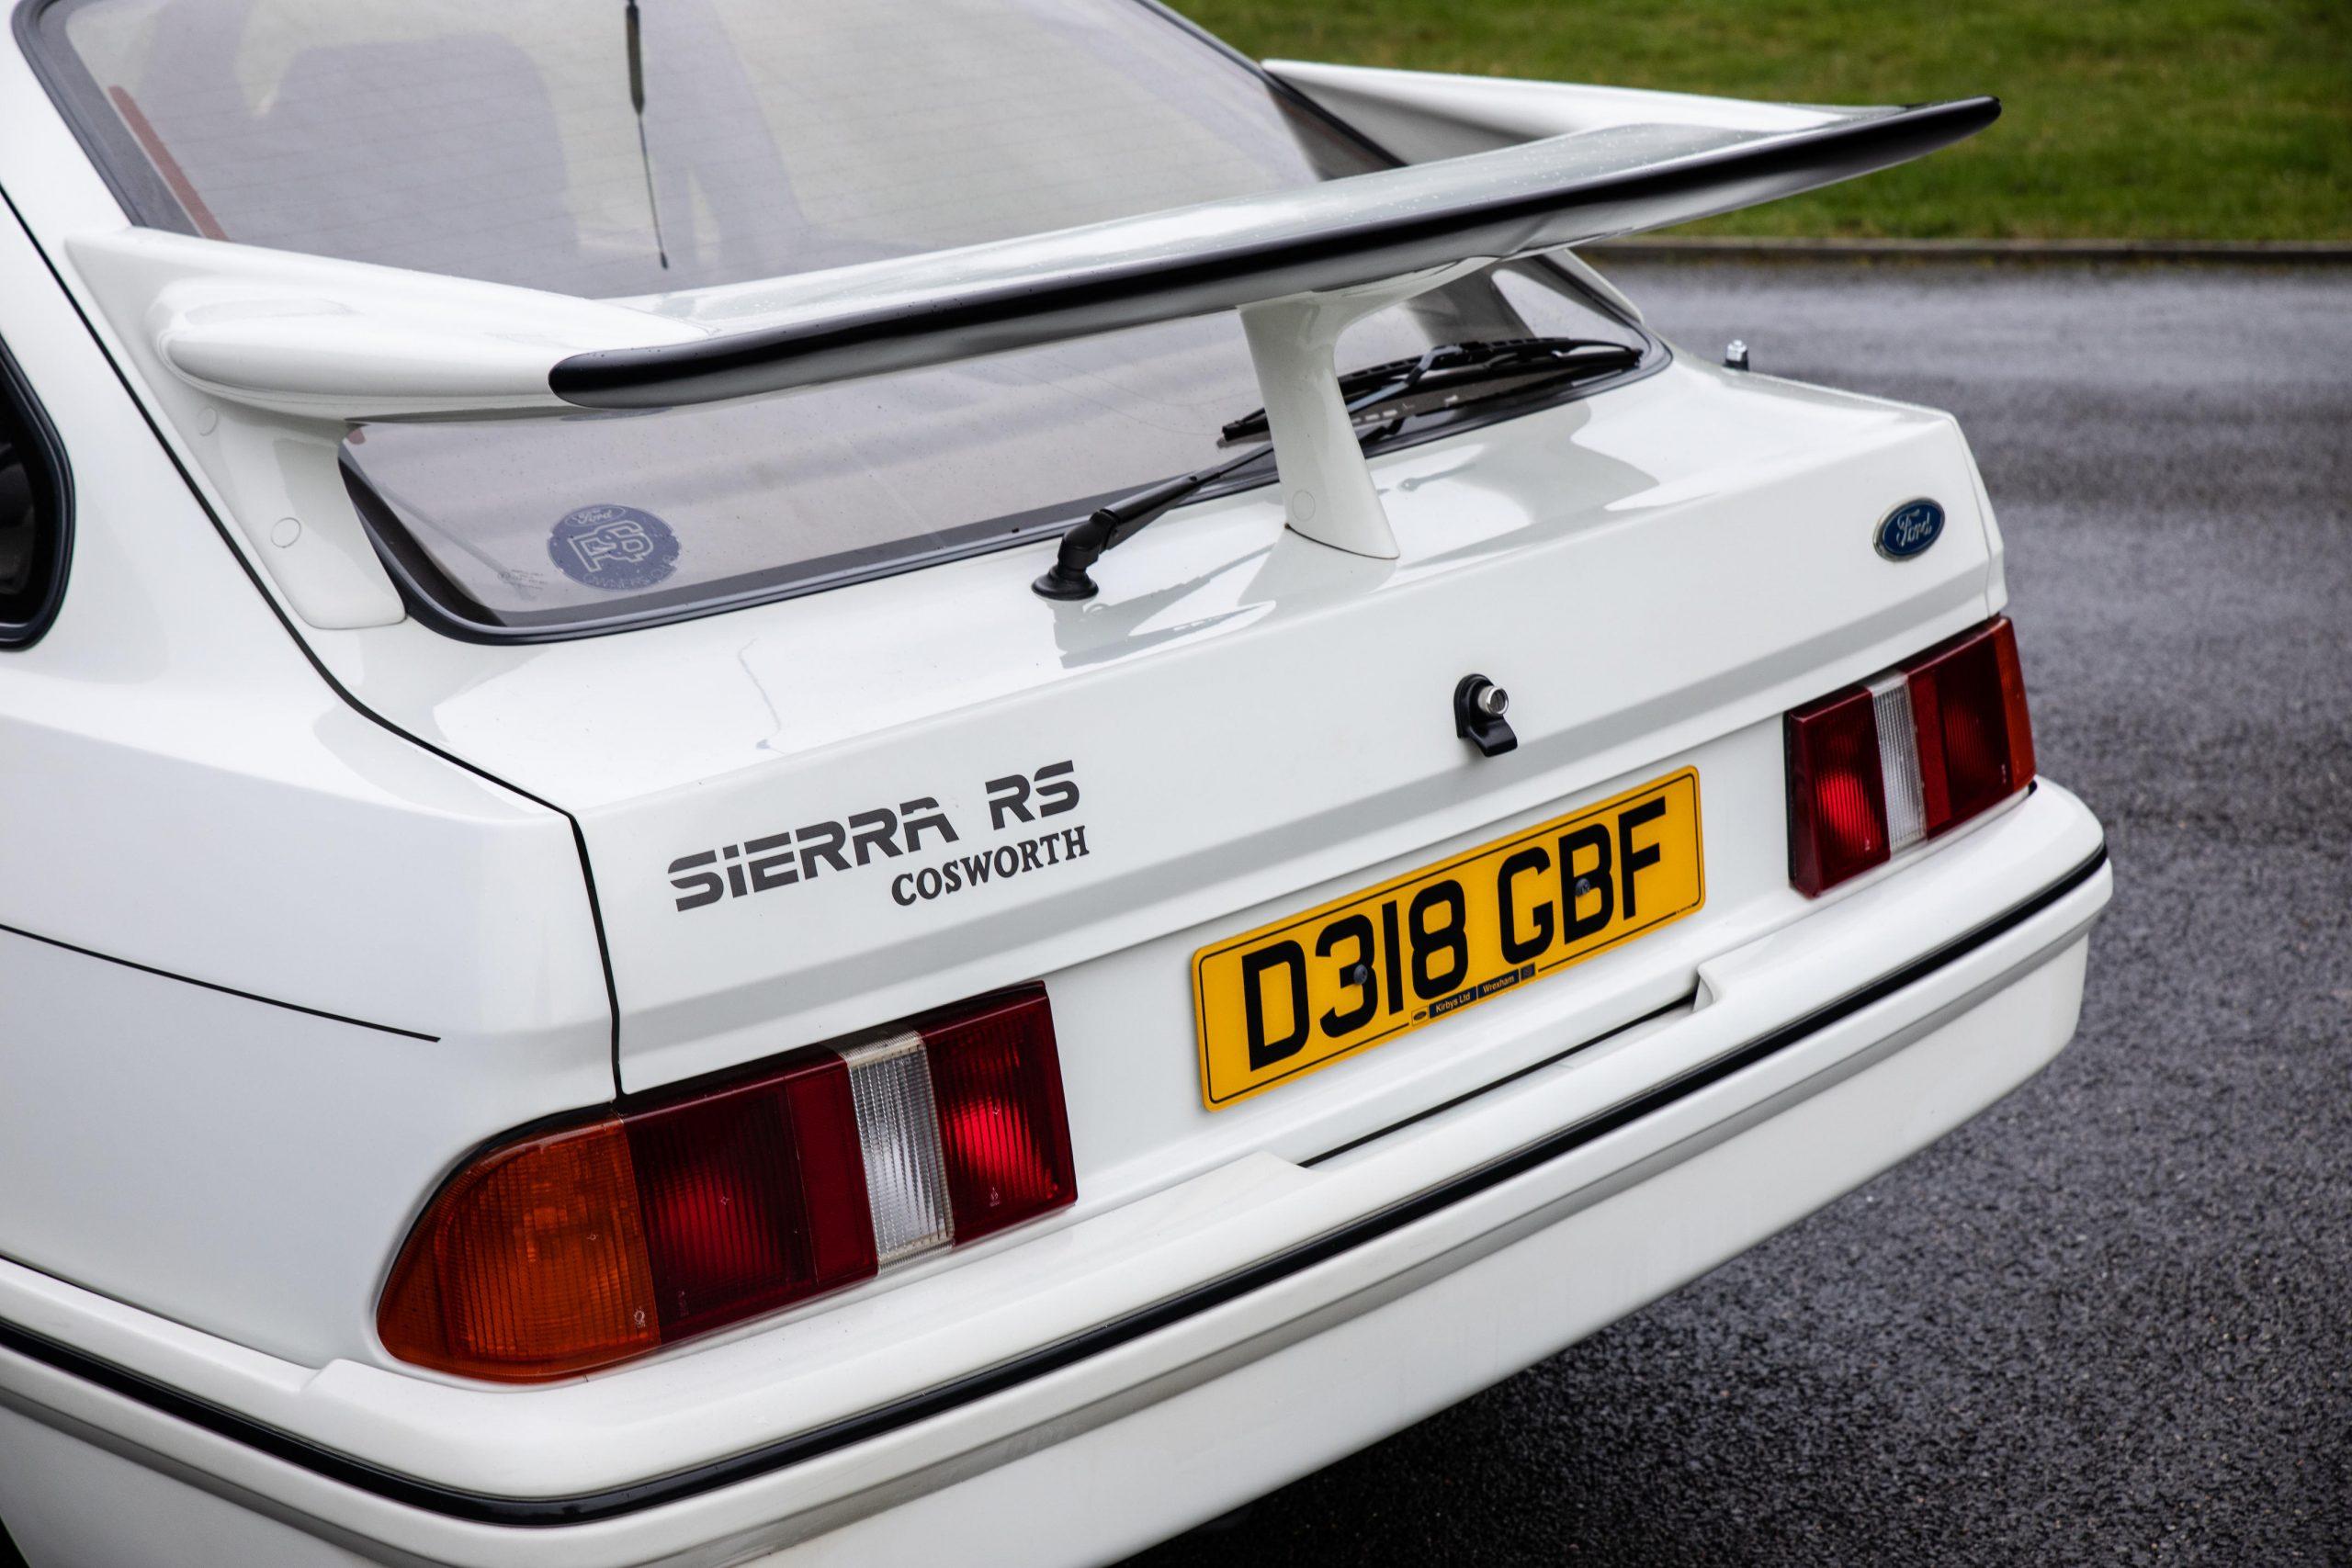 1987 Ford Sierra RS Cosworth Rear Three-Quarter